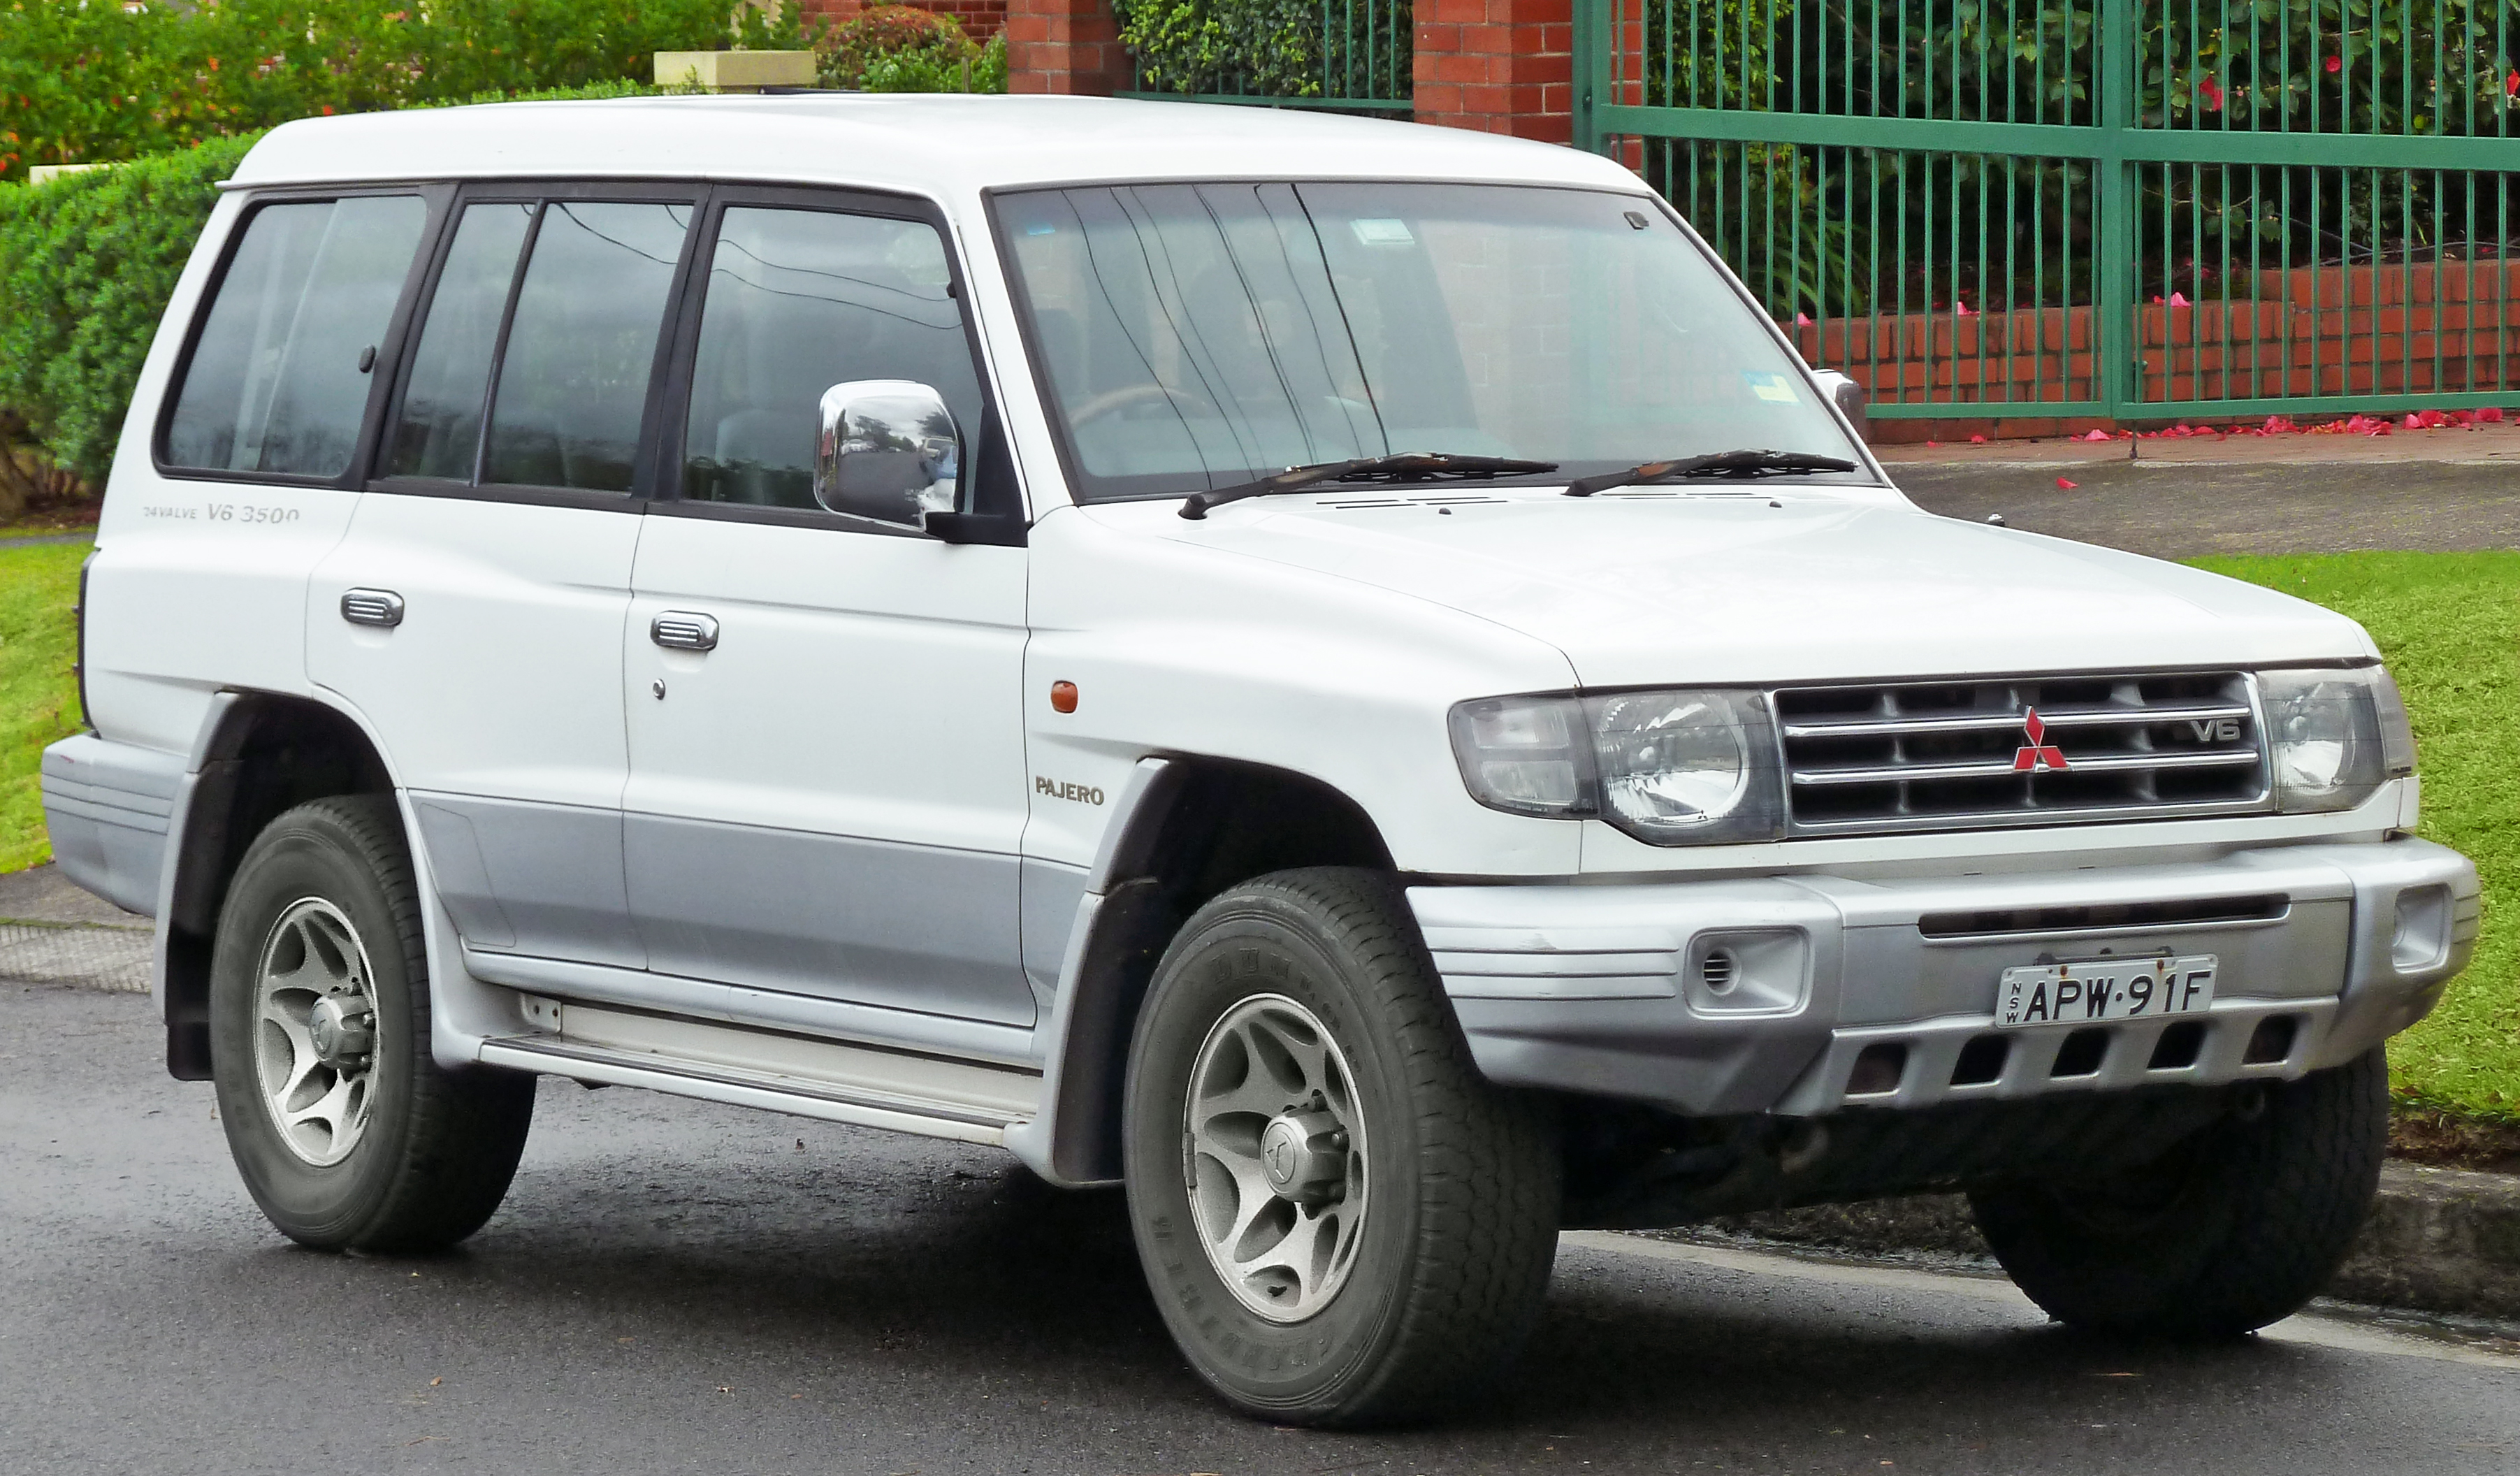 File:1997 Mitsubishi Pajero (NL) GLS (with Luxury Pack) wagon (2011-06-15) 01.jpg